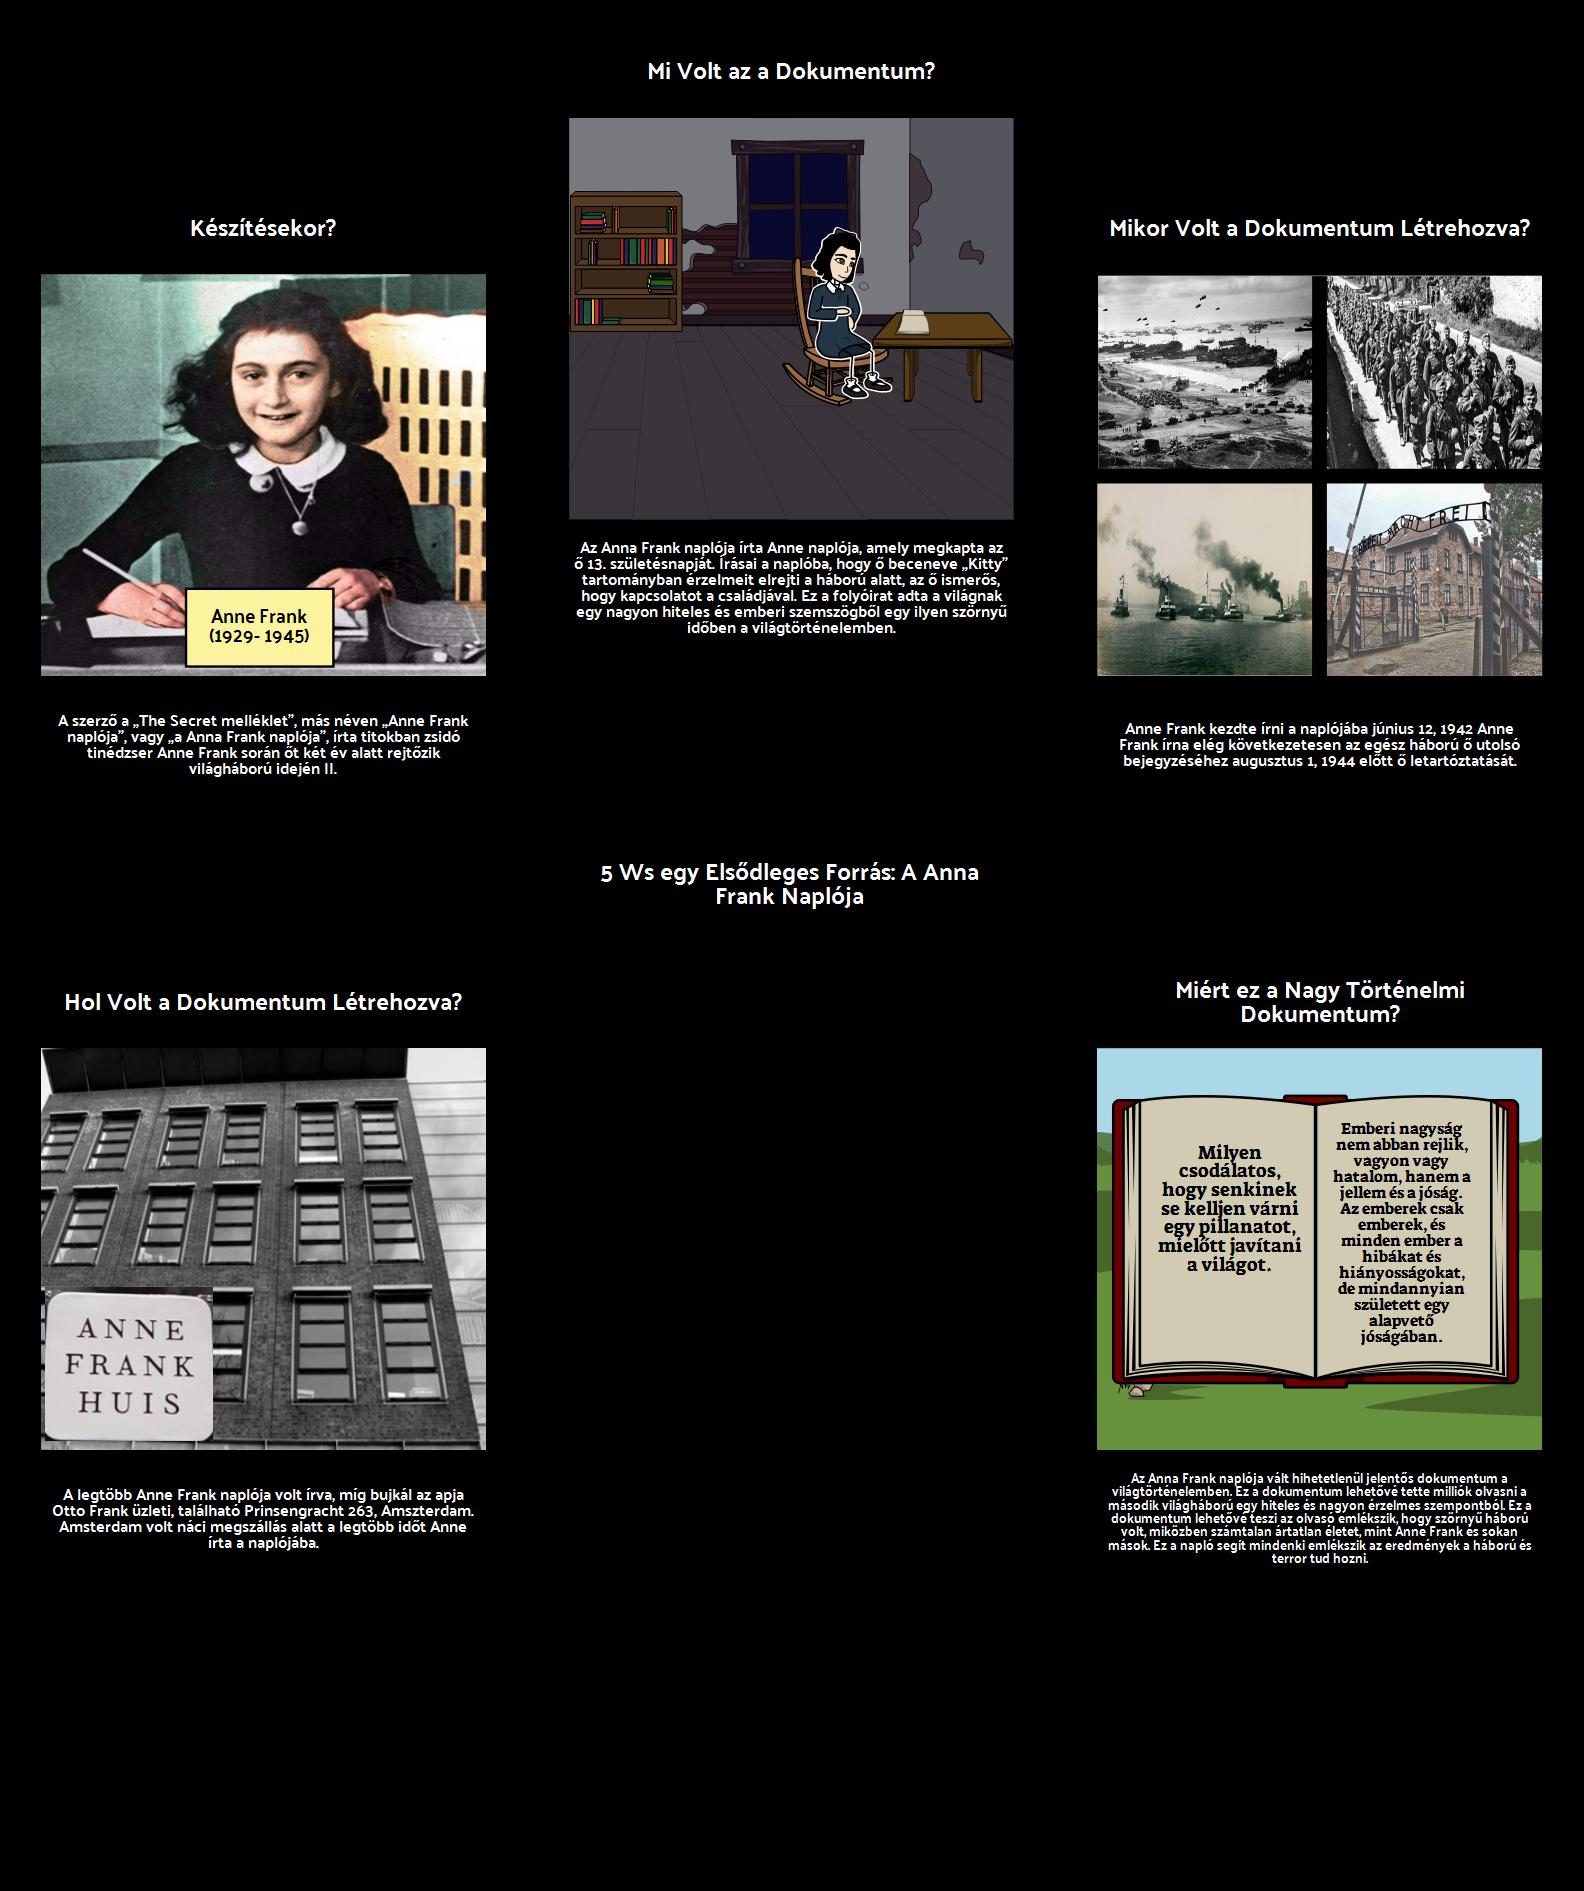 Elsődleges forrás 5Ws: A Anna Frank naplója